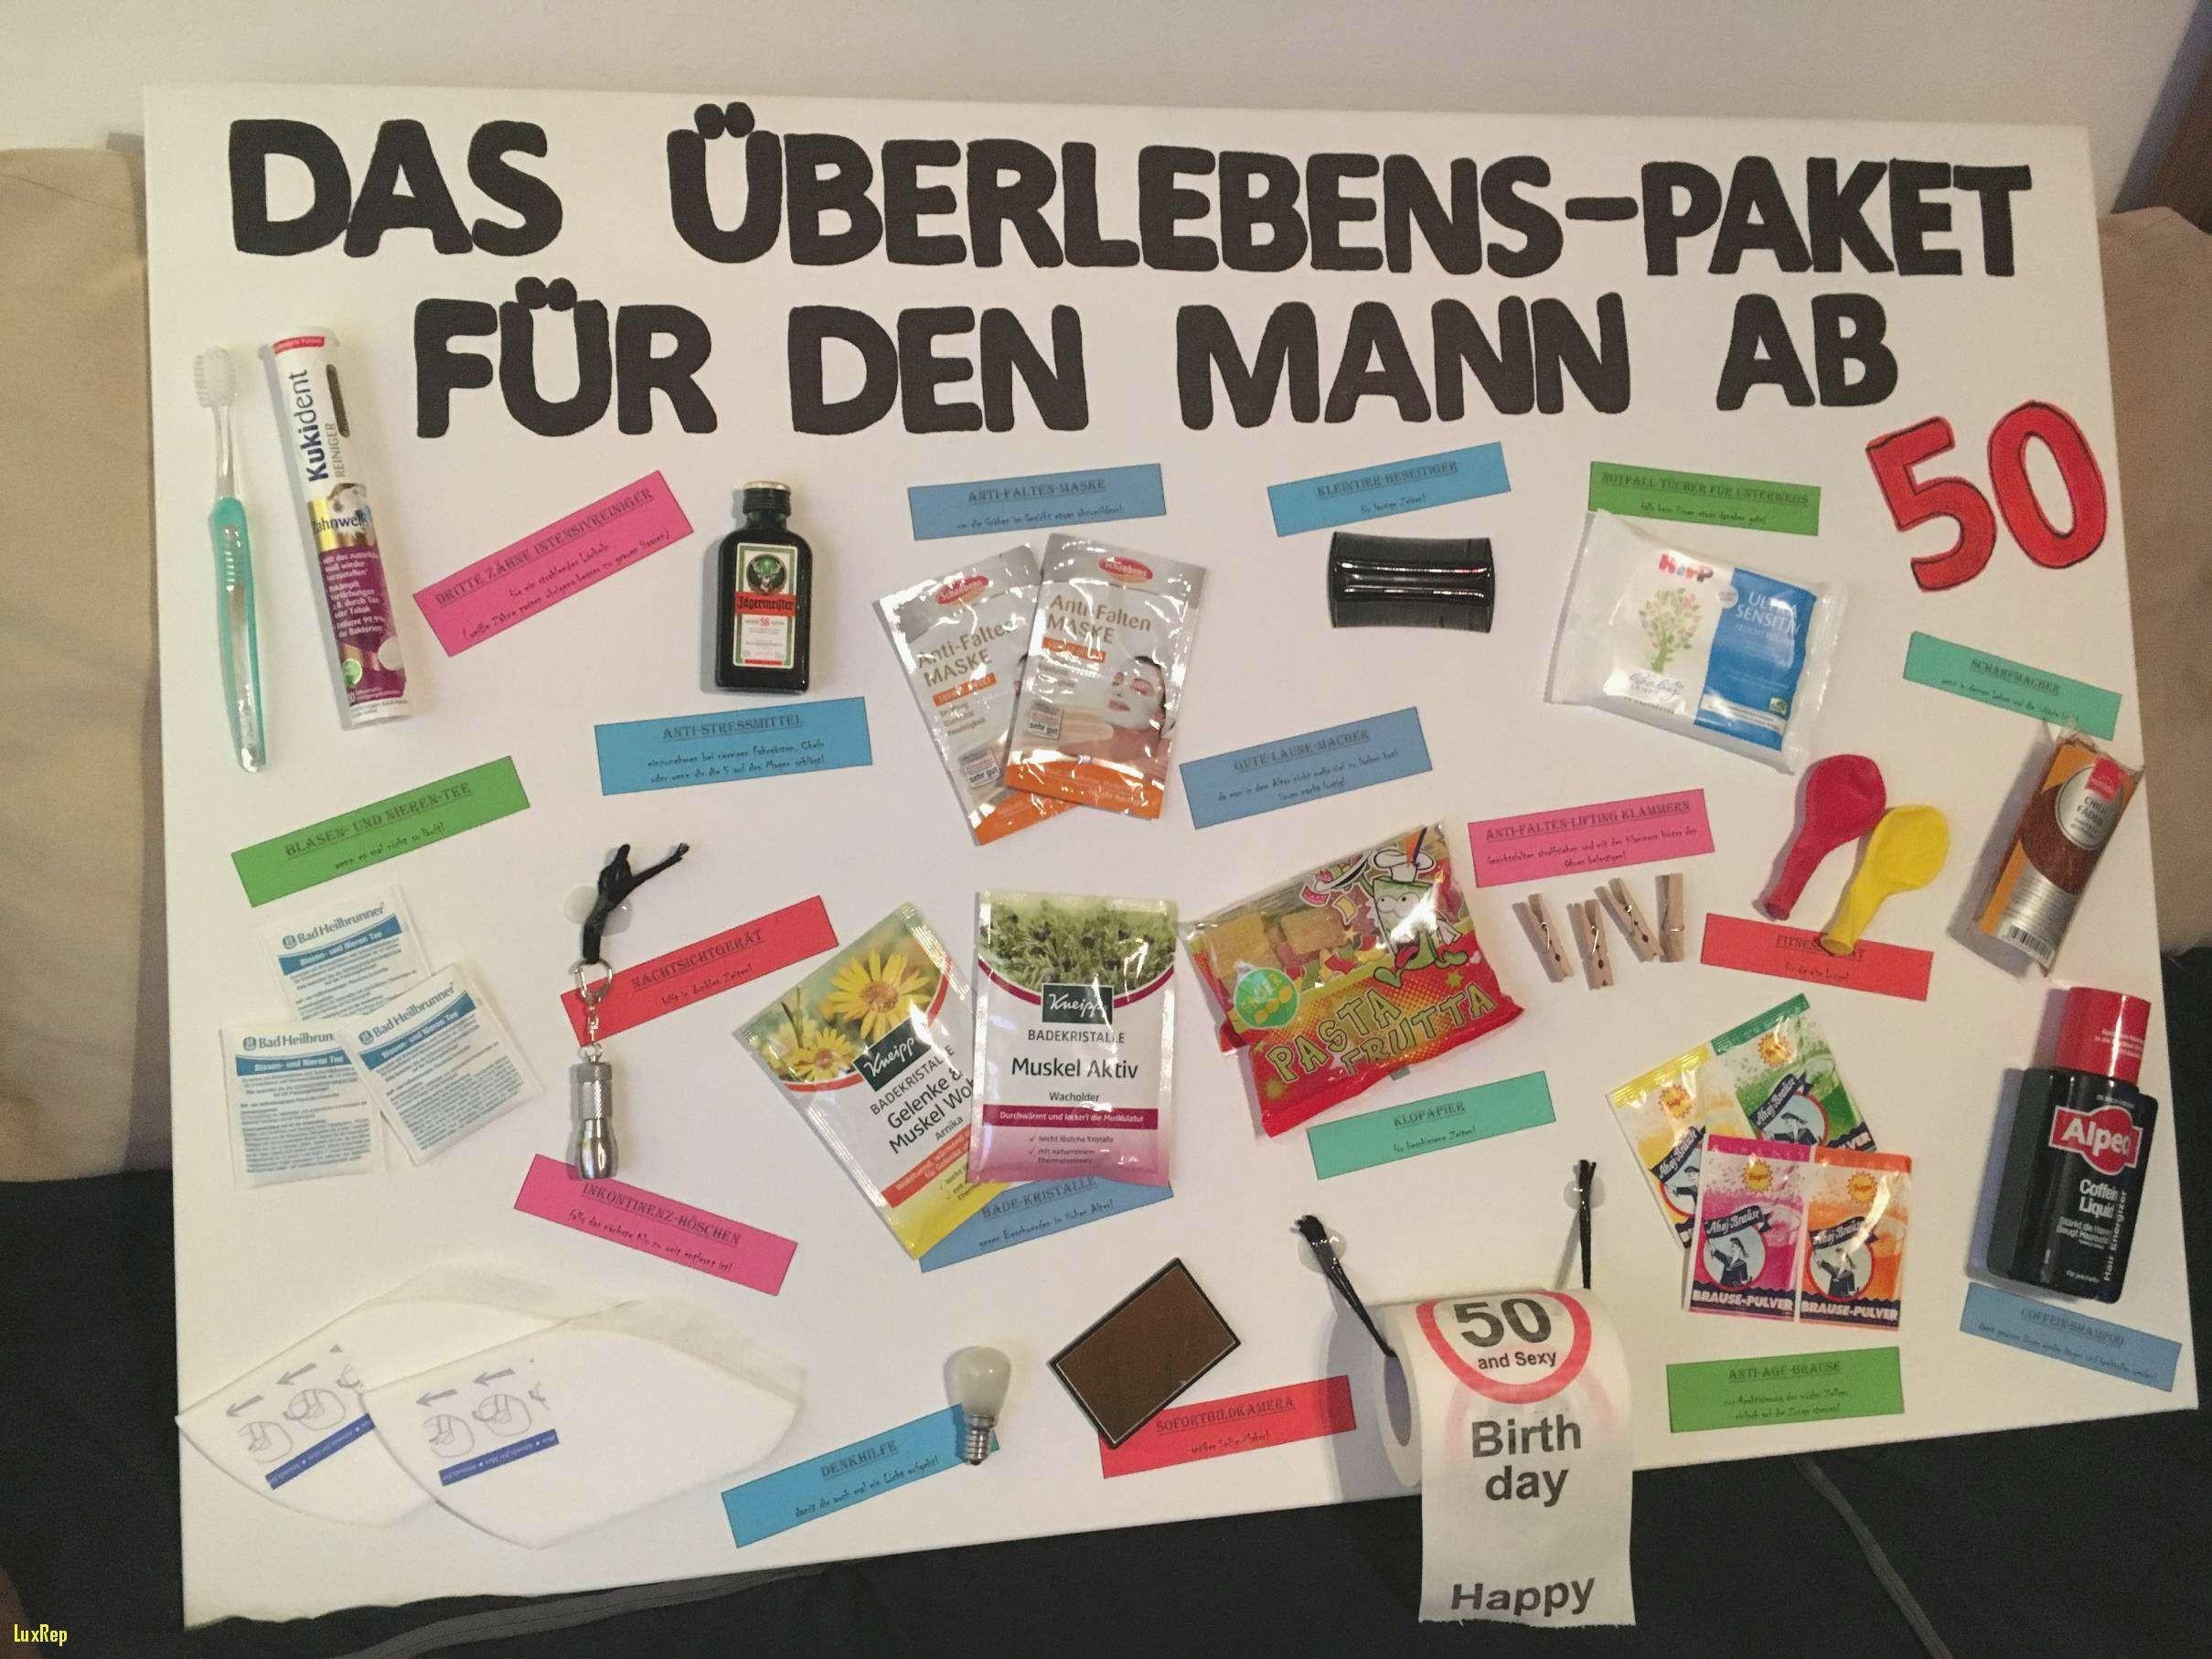 Geschenke 40. Geburtstag Frau Selber Machen  Geschenke 40 Geburtstag Frau Selber Machen